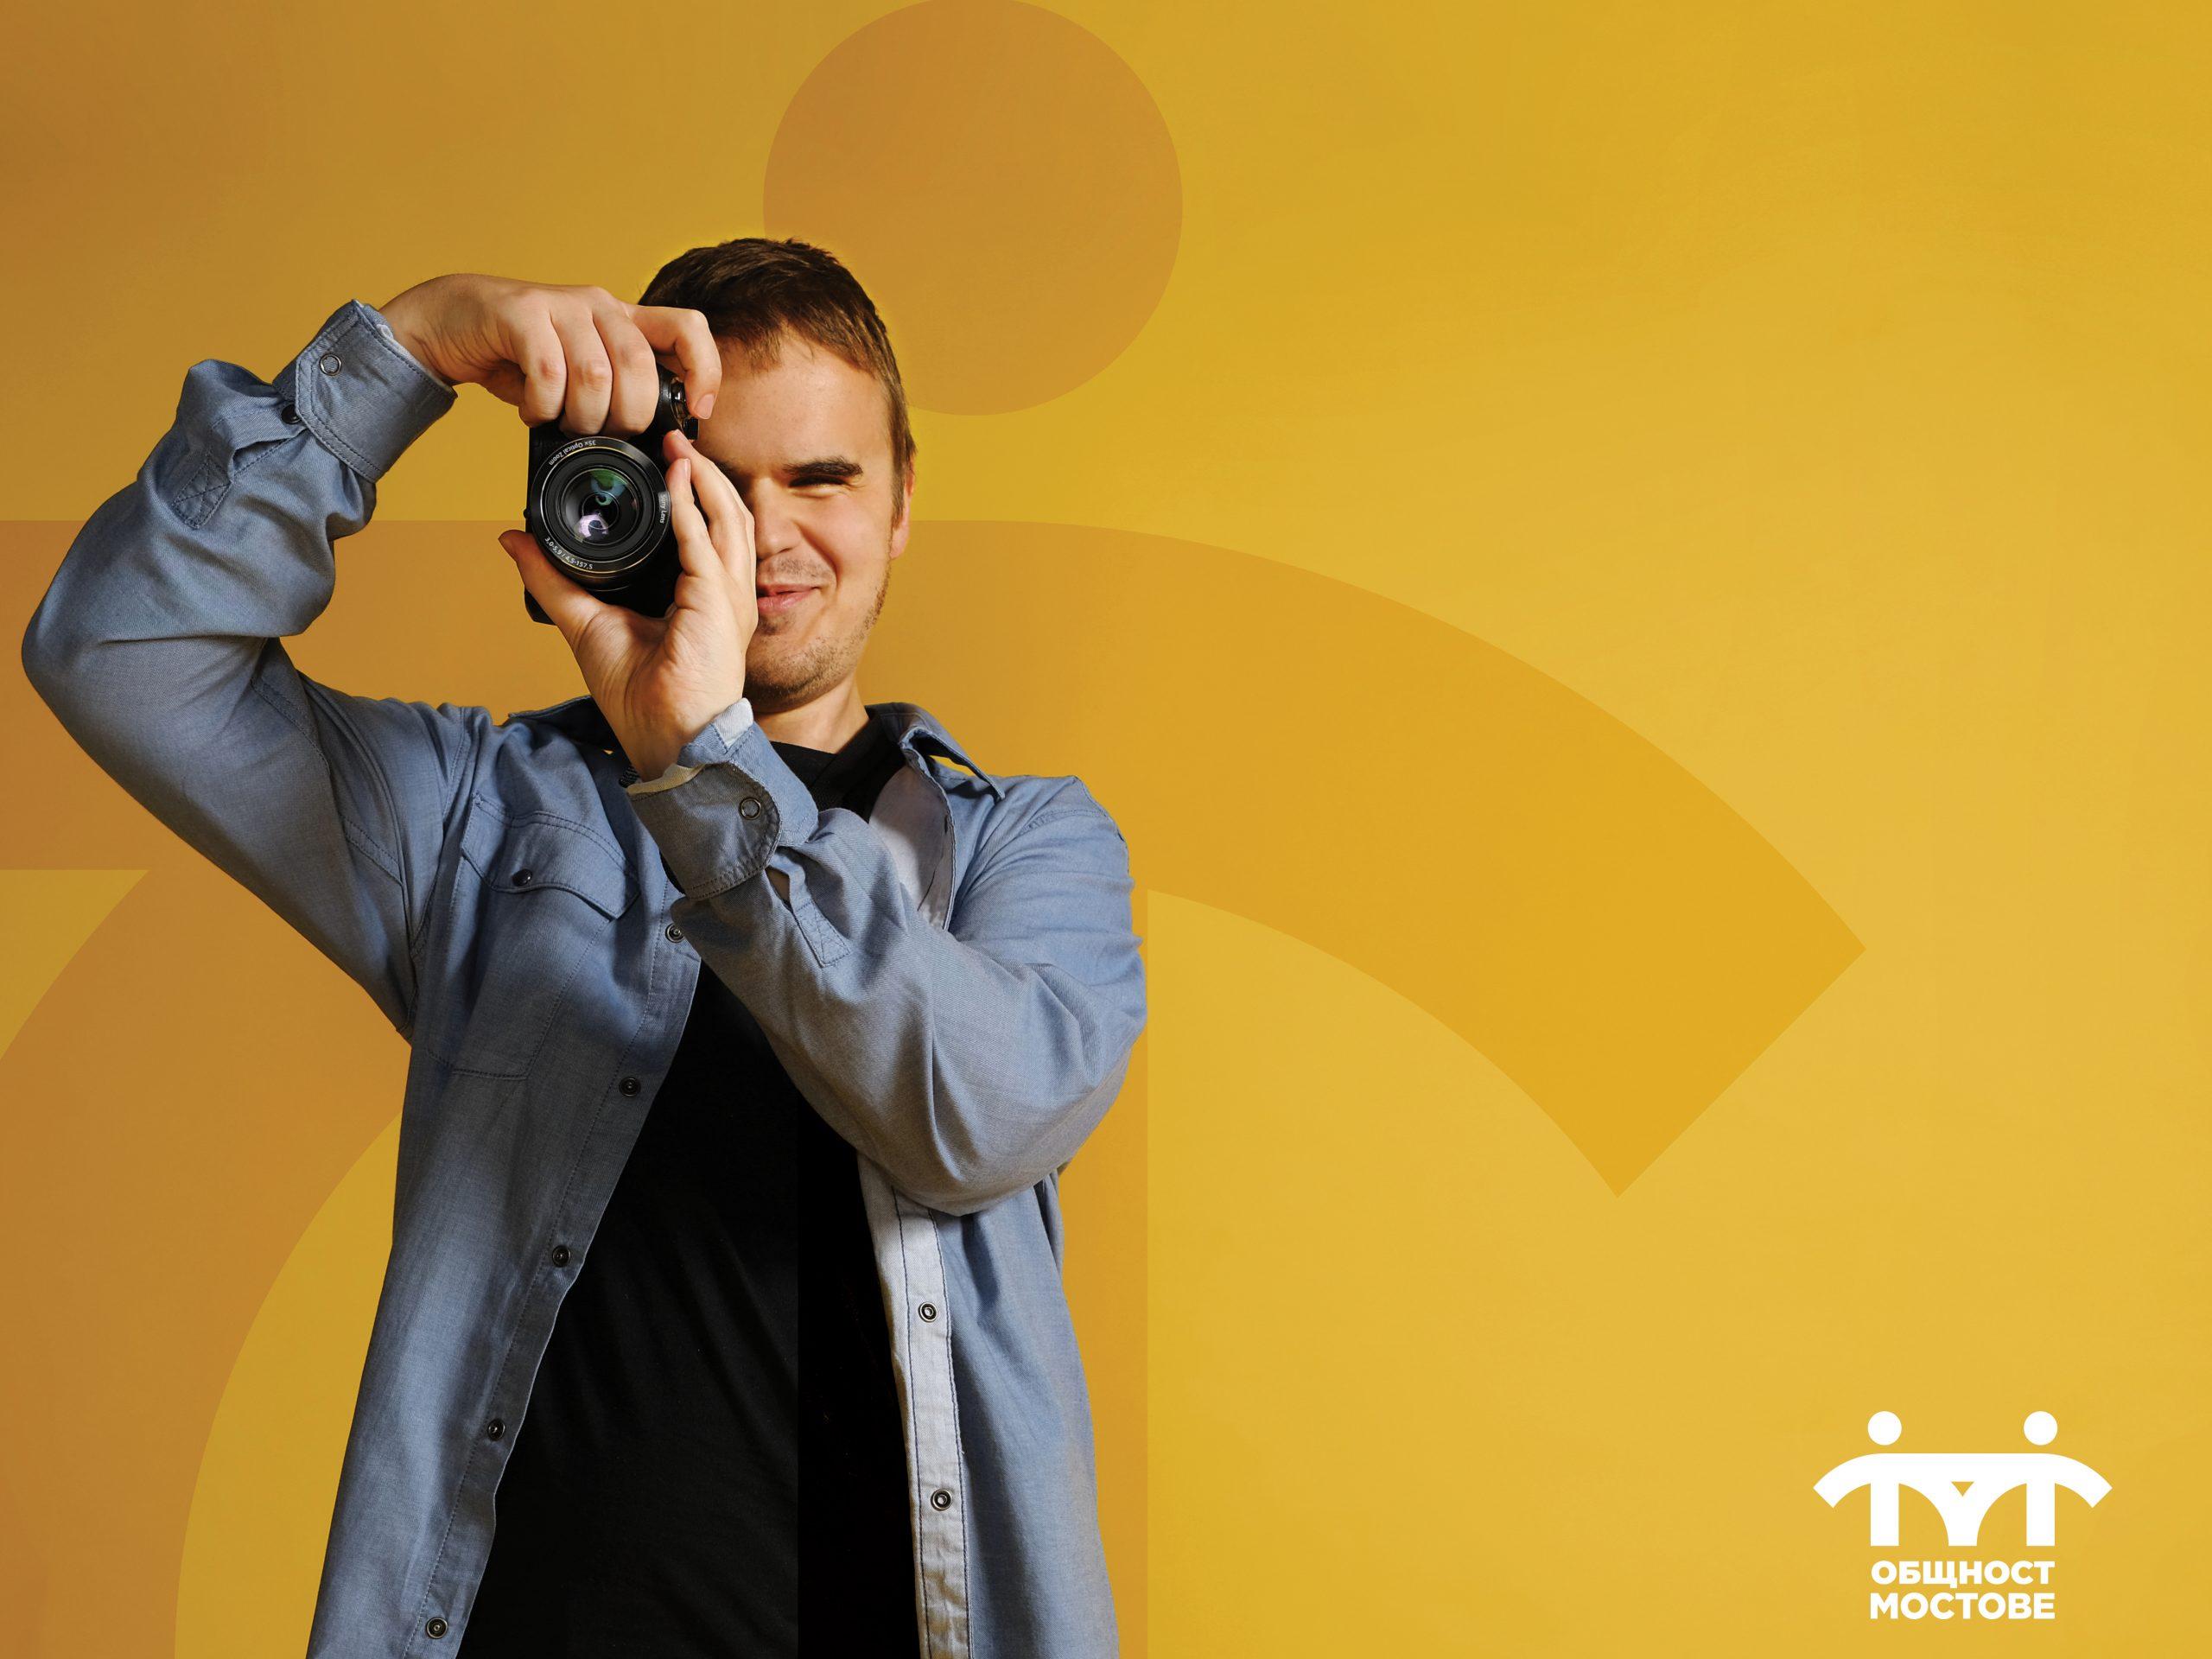 Дилиян, фокусиращ с фотоапарат на жълт фон.